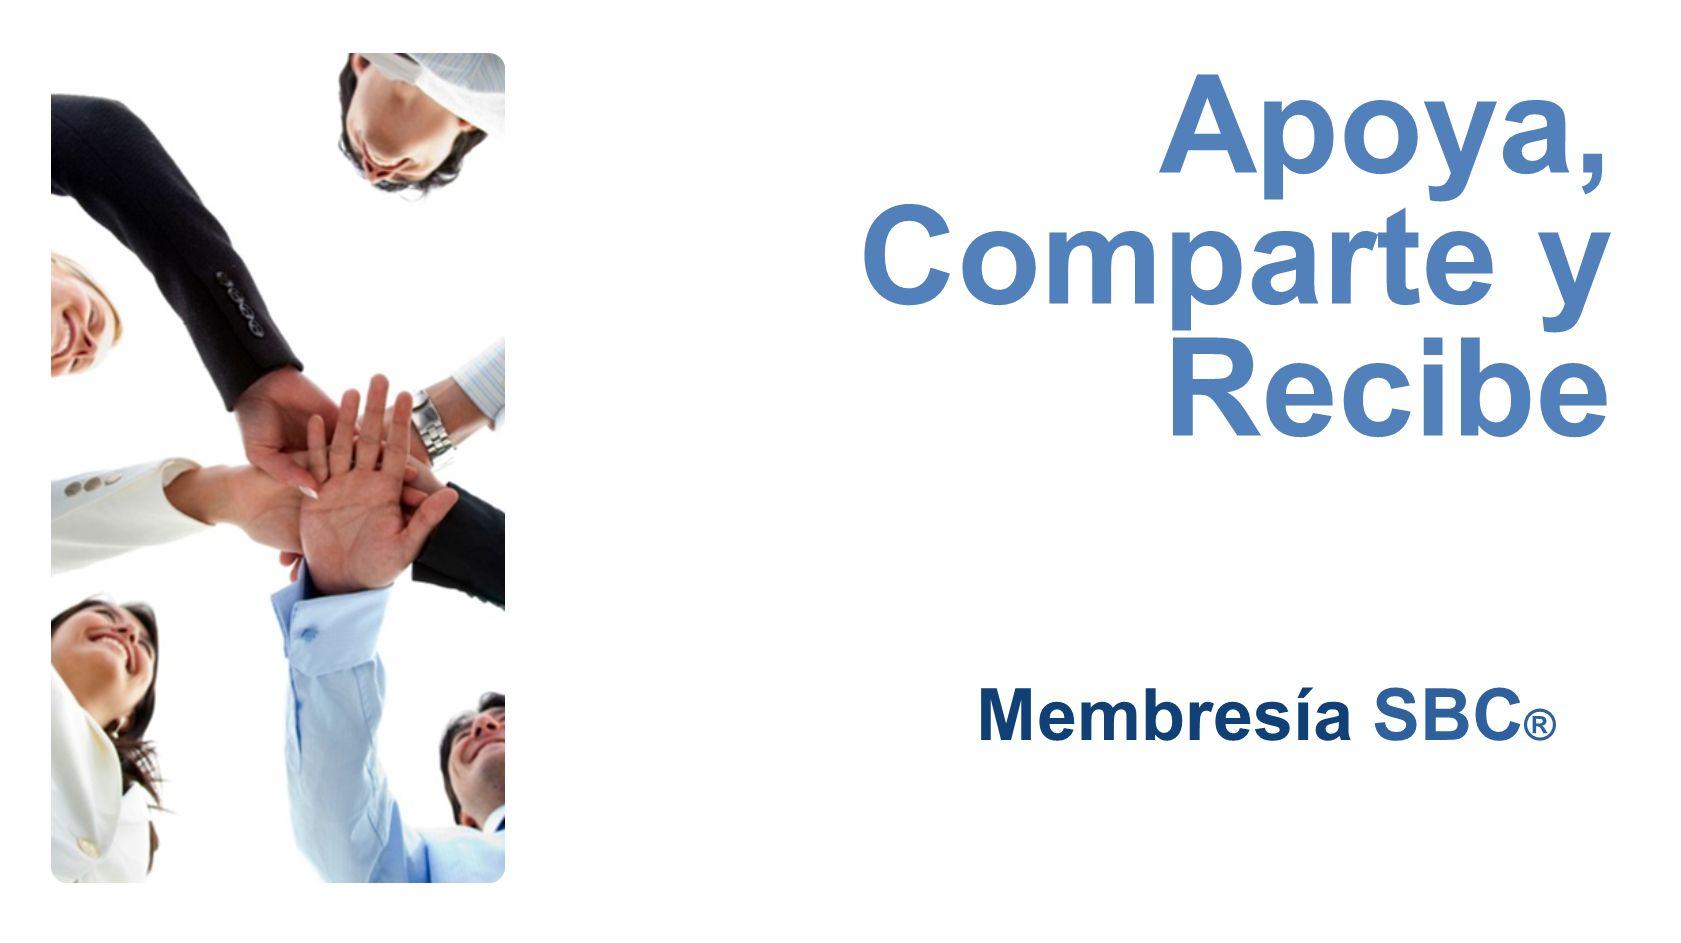 Apoya, Comparte y Recibe Membresía SBC ®